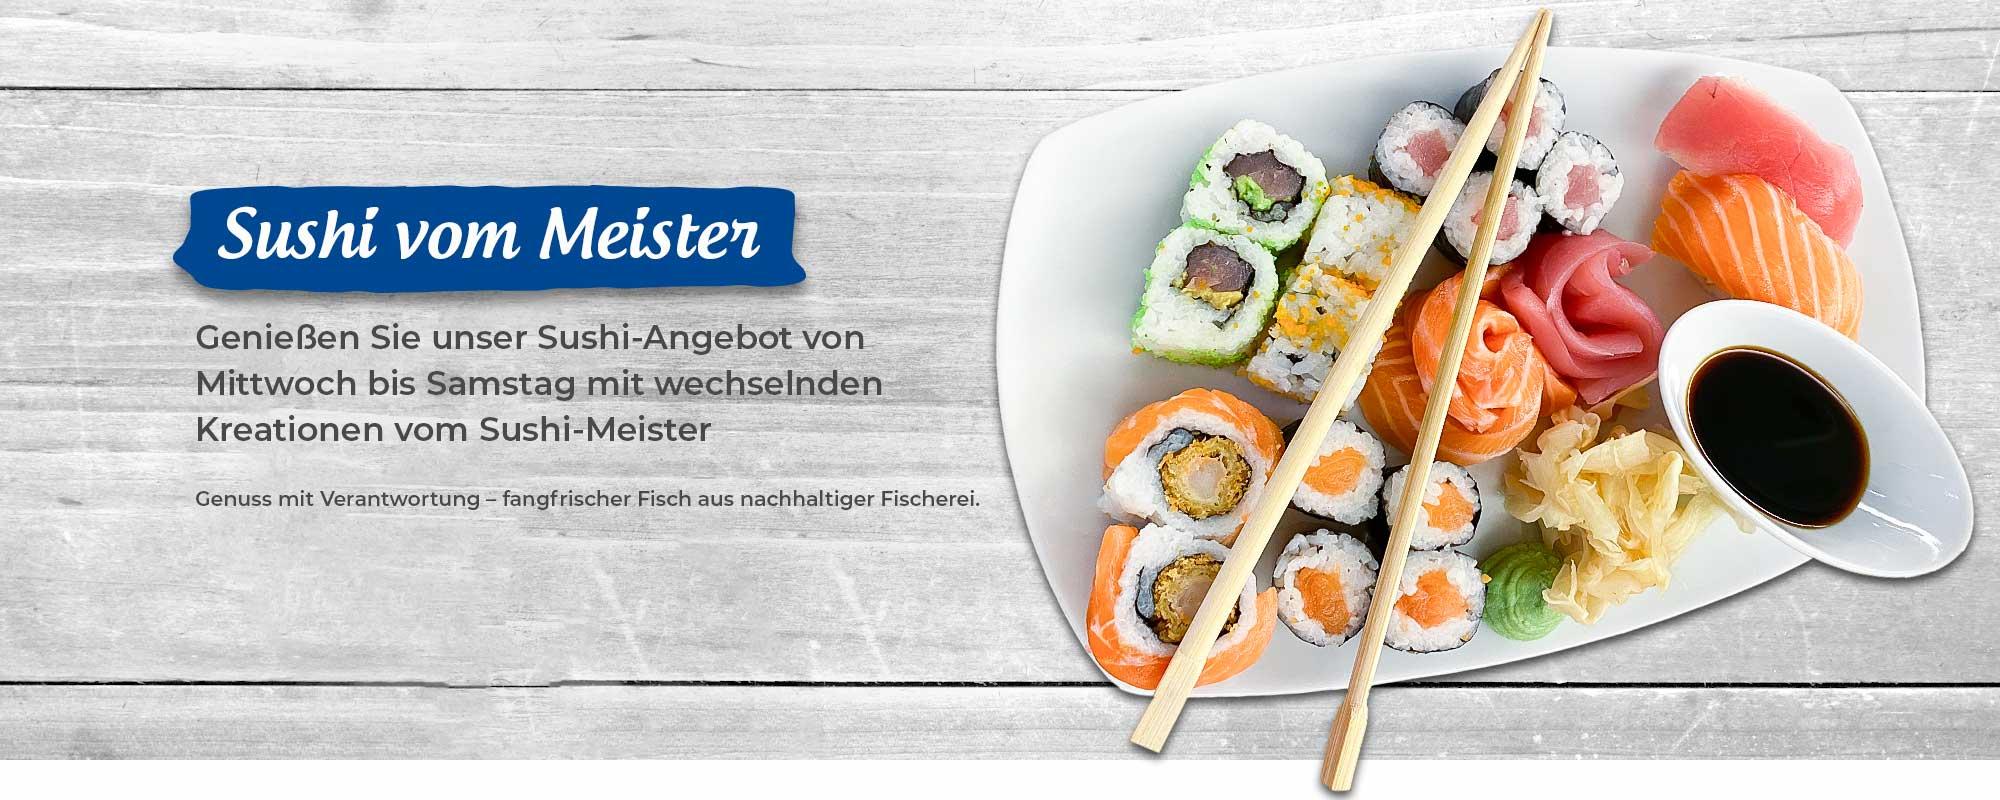 Angebot Sushi mit einer leckeren bunten Sushi Platte